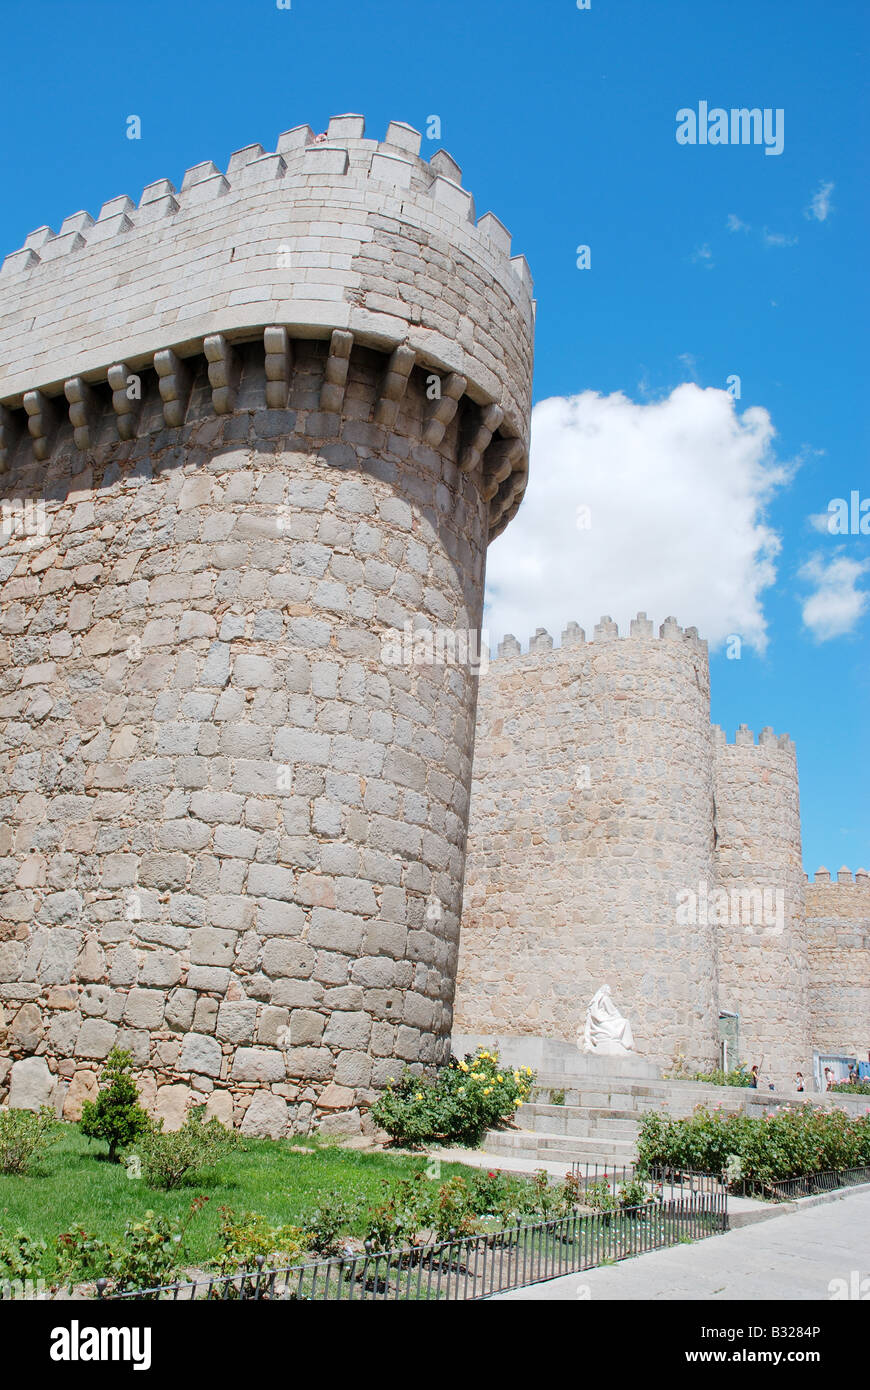 Murallas. Avila. Castile Leon. Spain. - Stock Image